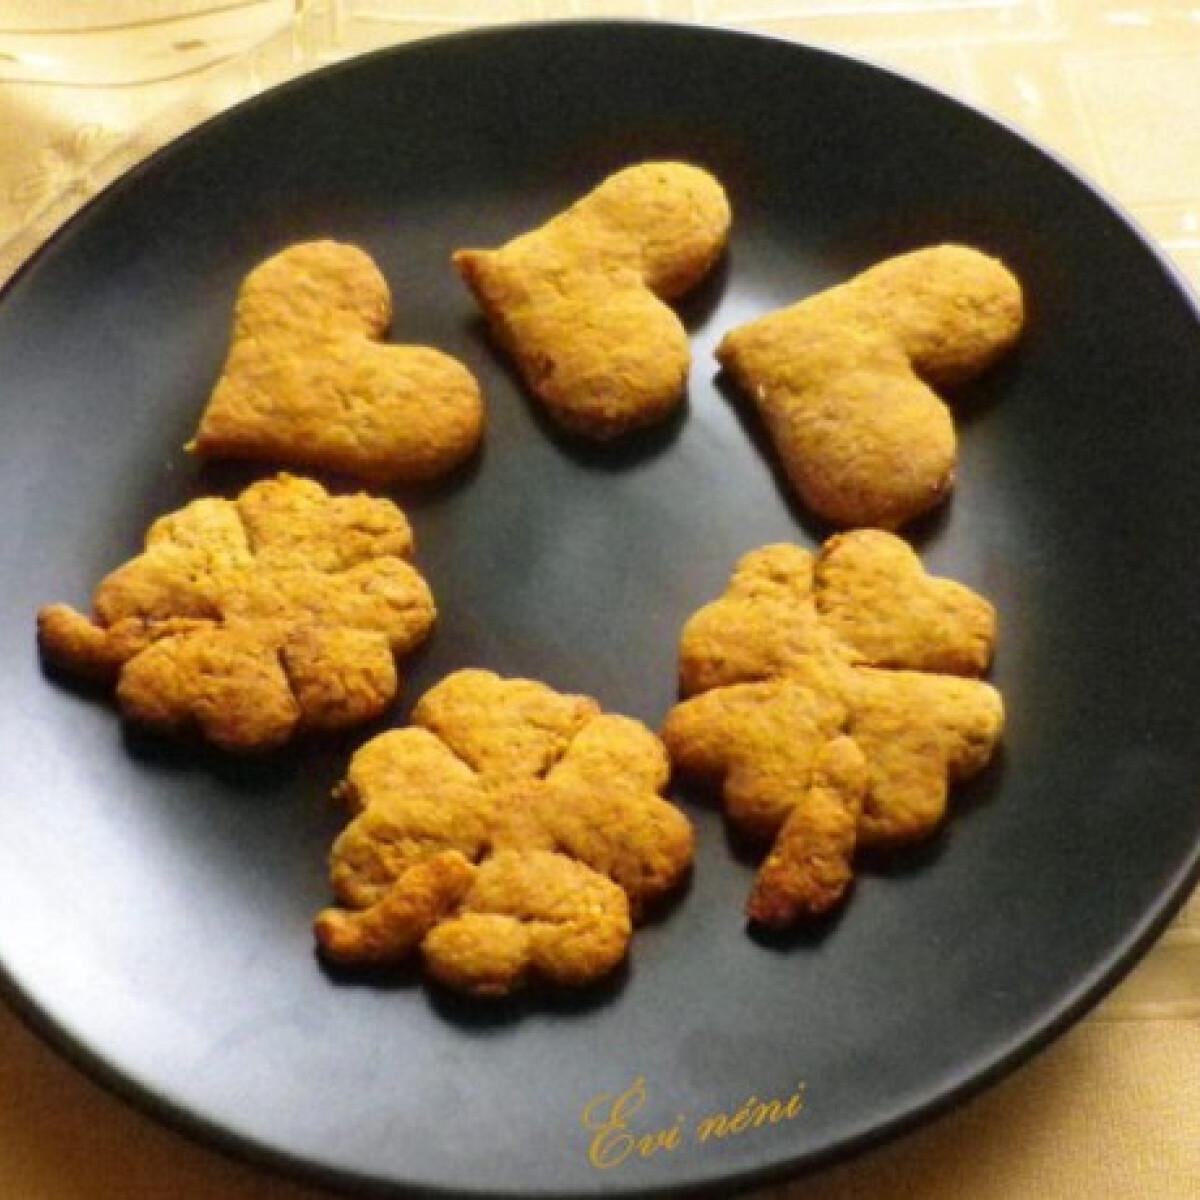 Ezen a képen: Gyömbéres keksz Évi nénitől